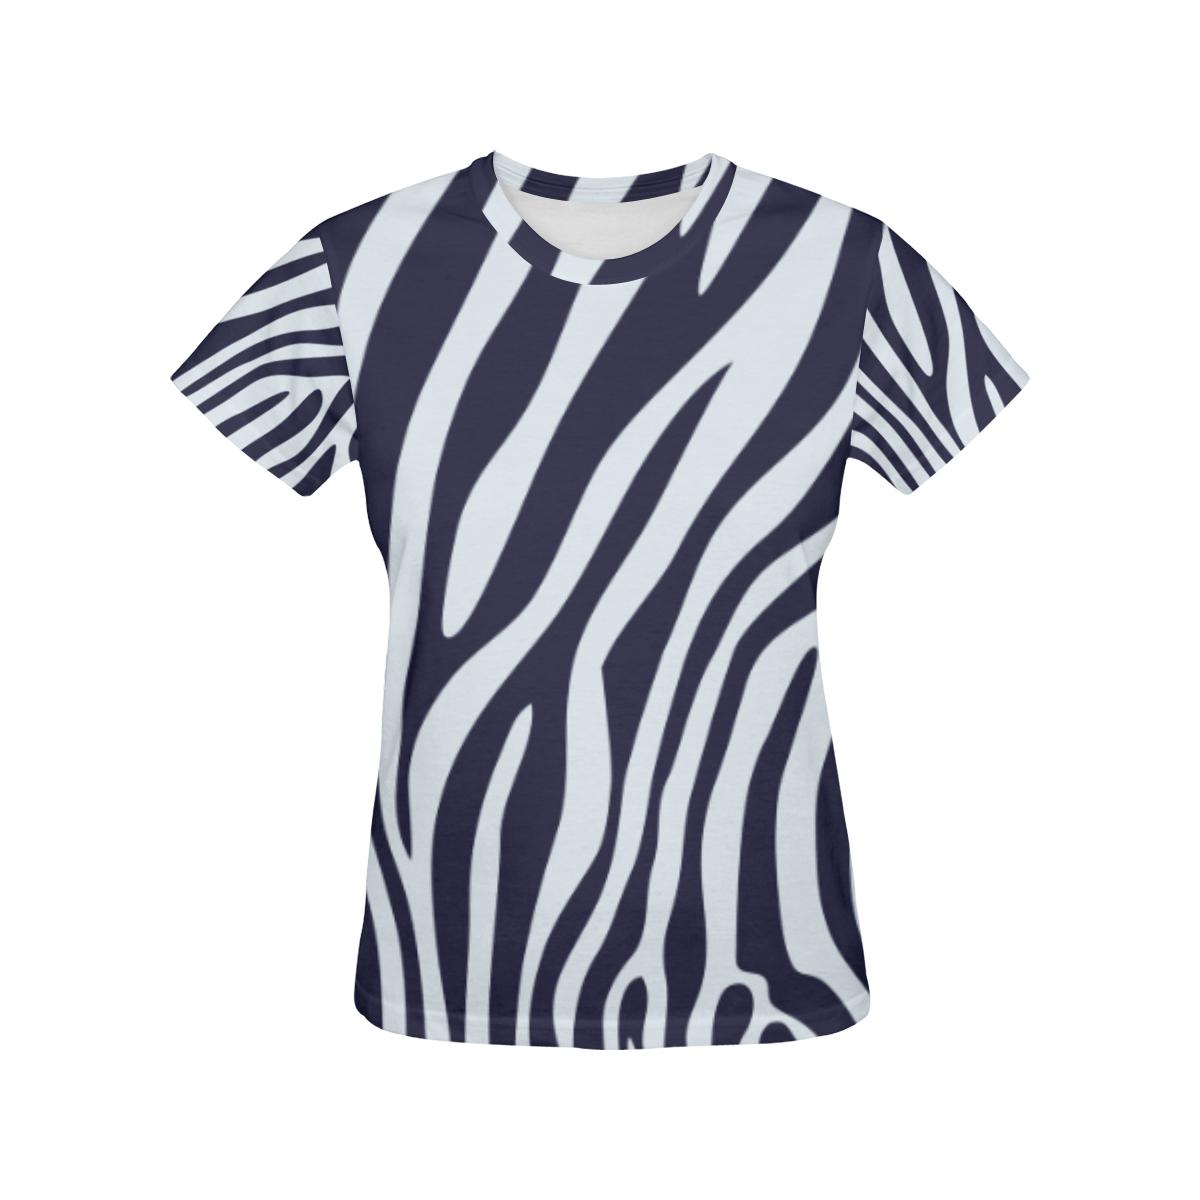 ZEBRA All Over Print T-Shirt for Women (USA Size) (Model T40)